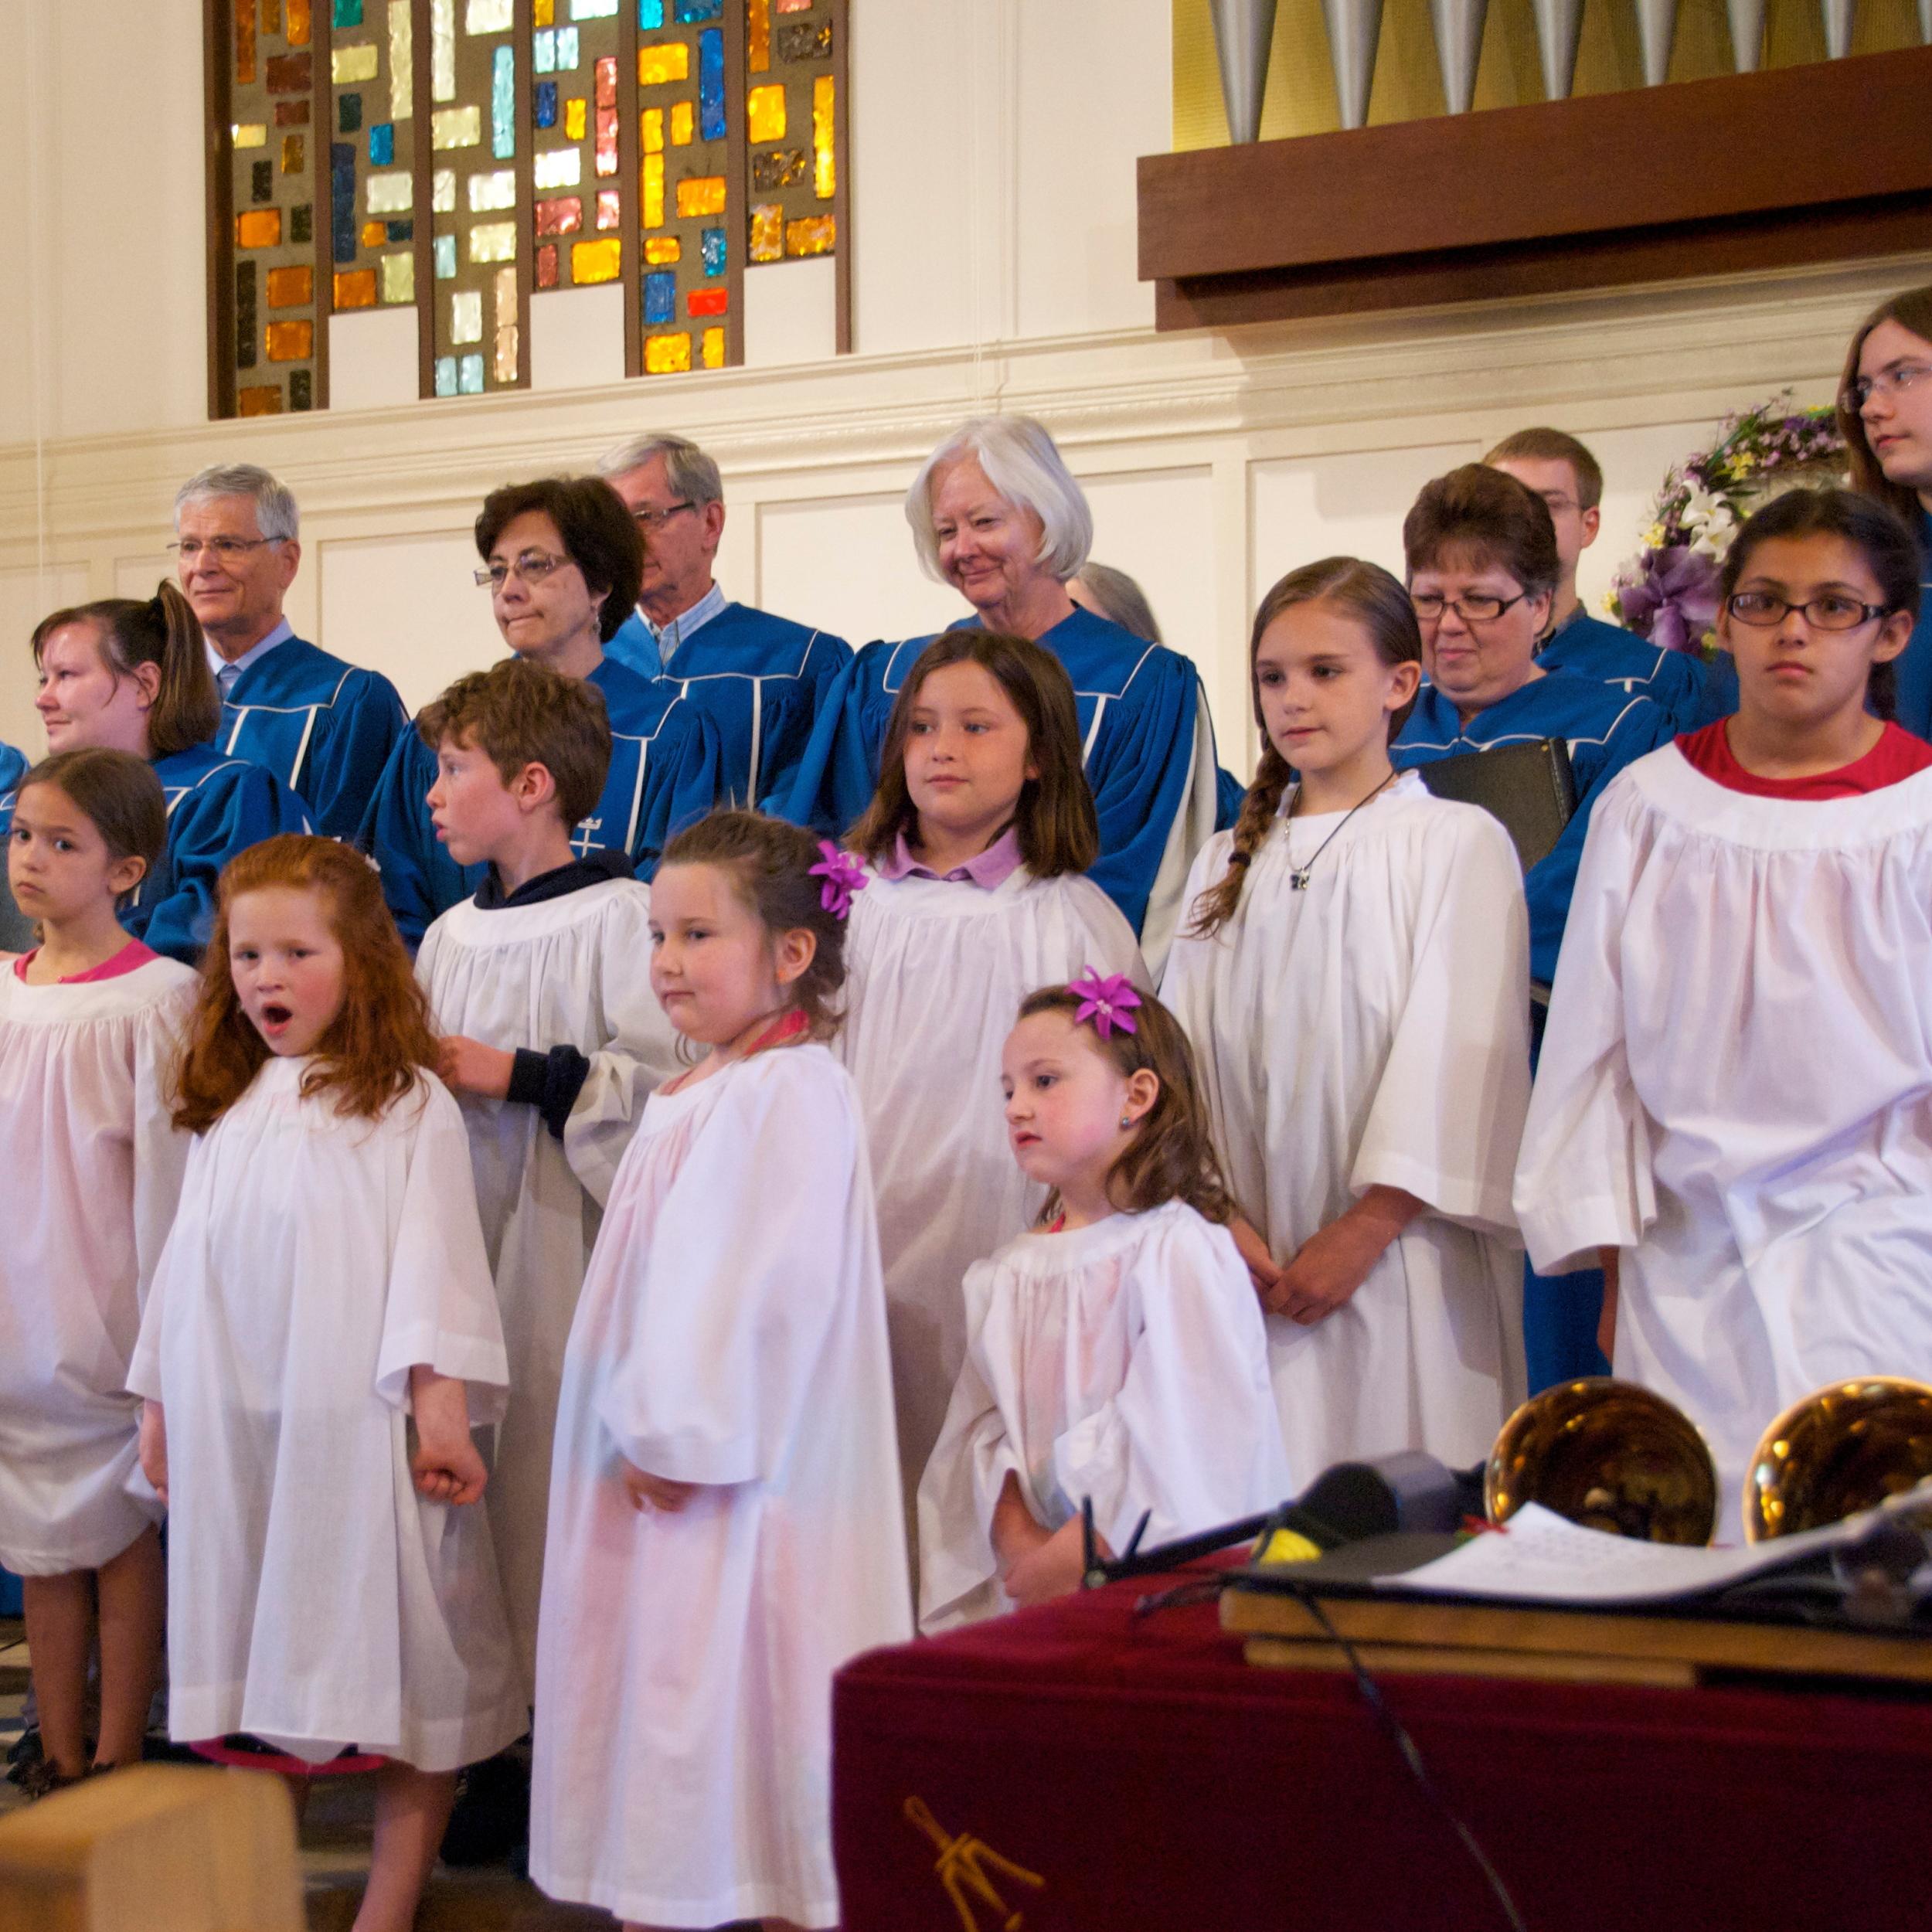 The Joyful Noise and Senior Choirs singing together